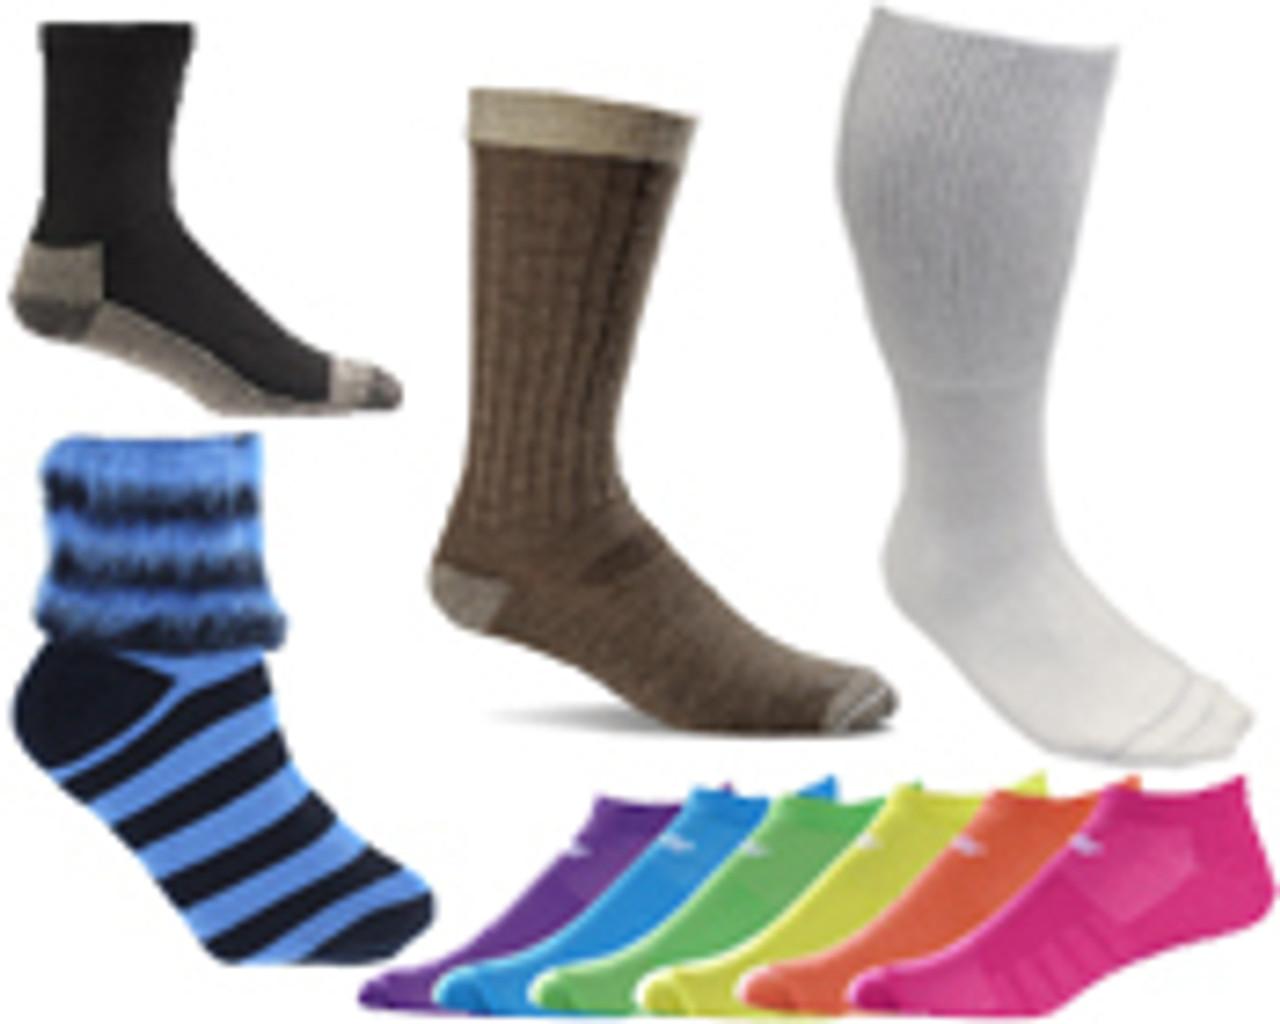 Orthopedic Socks | Socks For Wide Feet